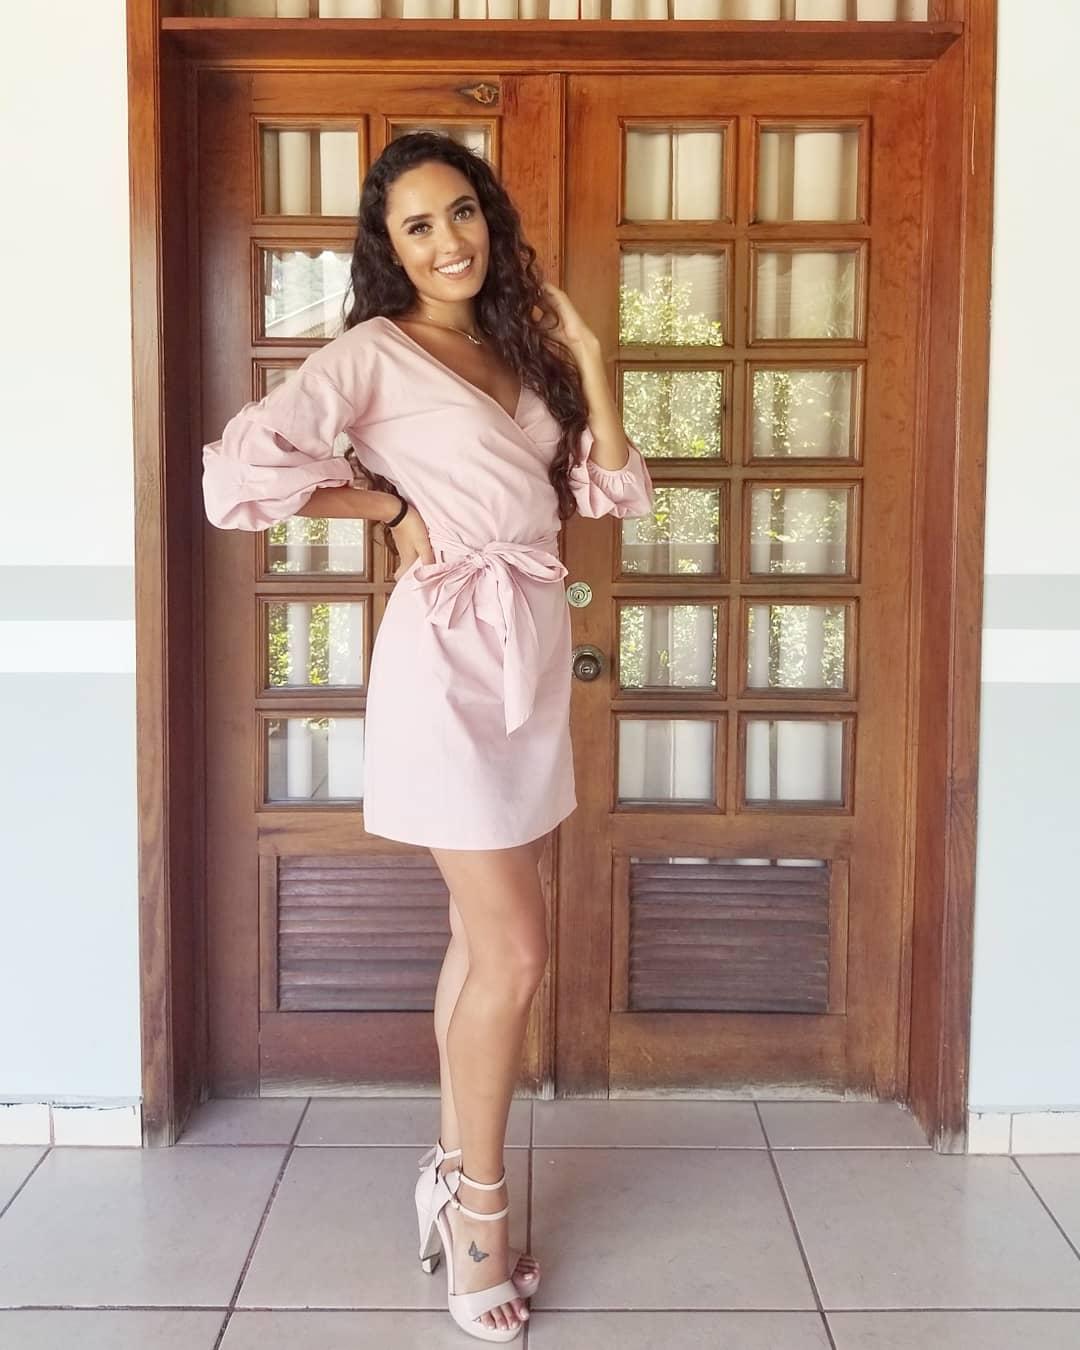 karolina vidales, candidata a miss mexico (mundo) 2020, representando michoacan. - Página 7 69837810